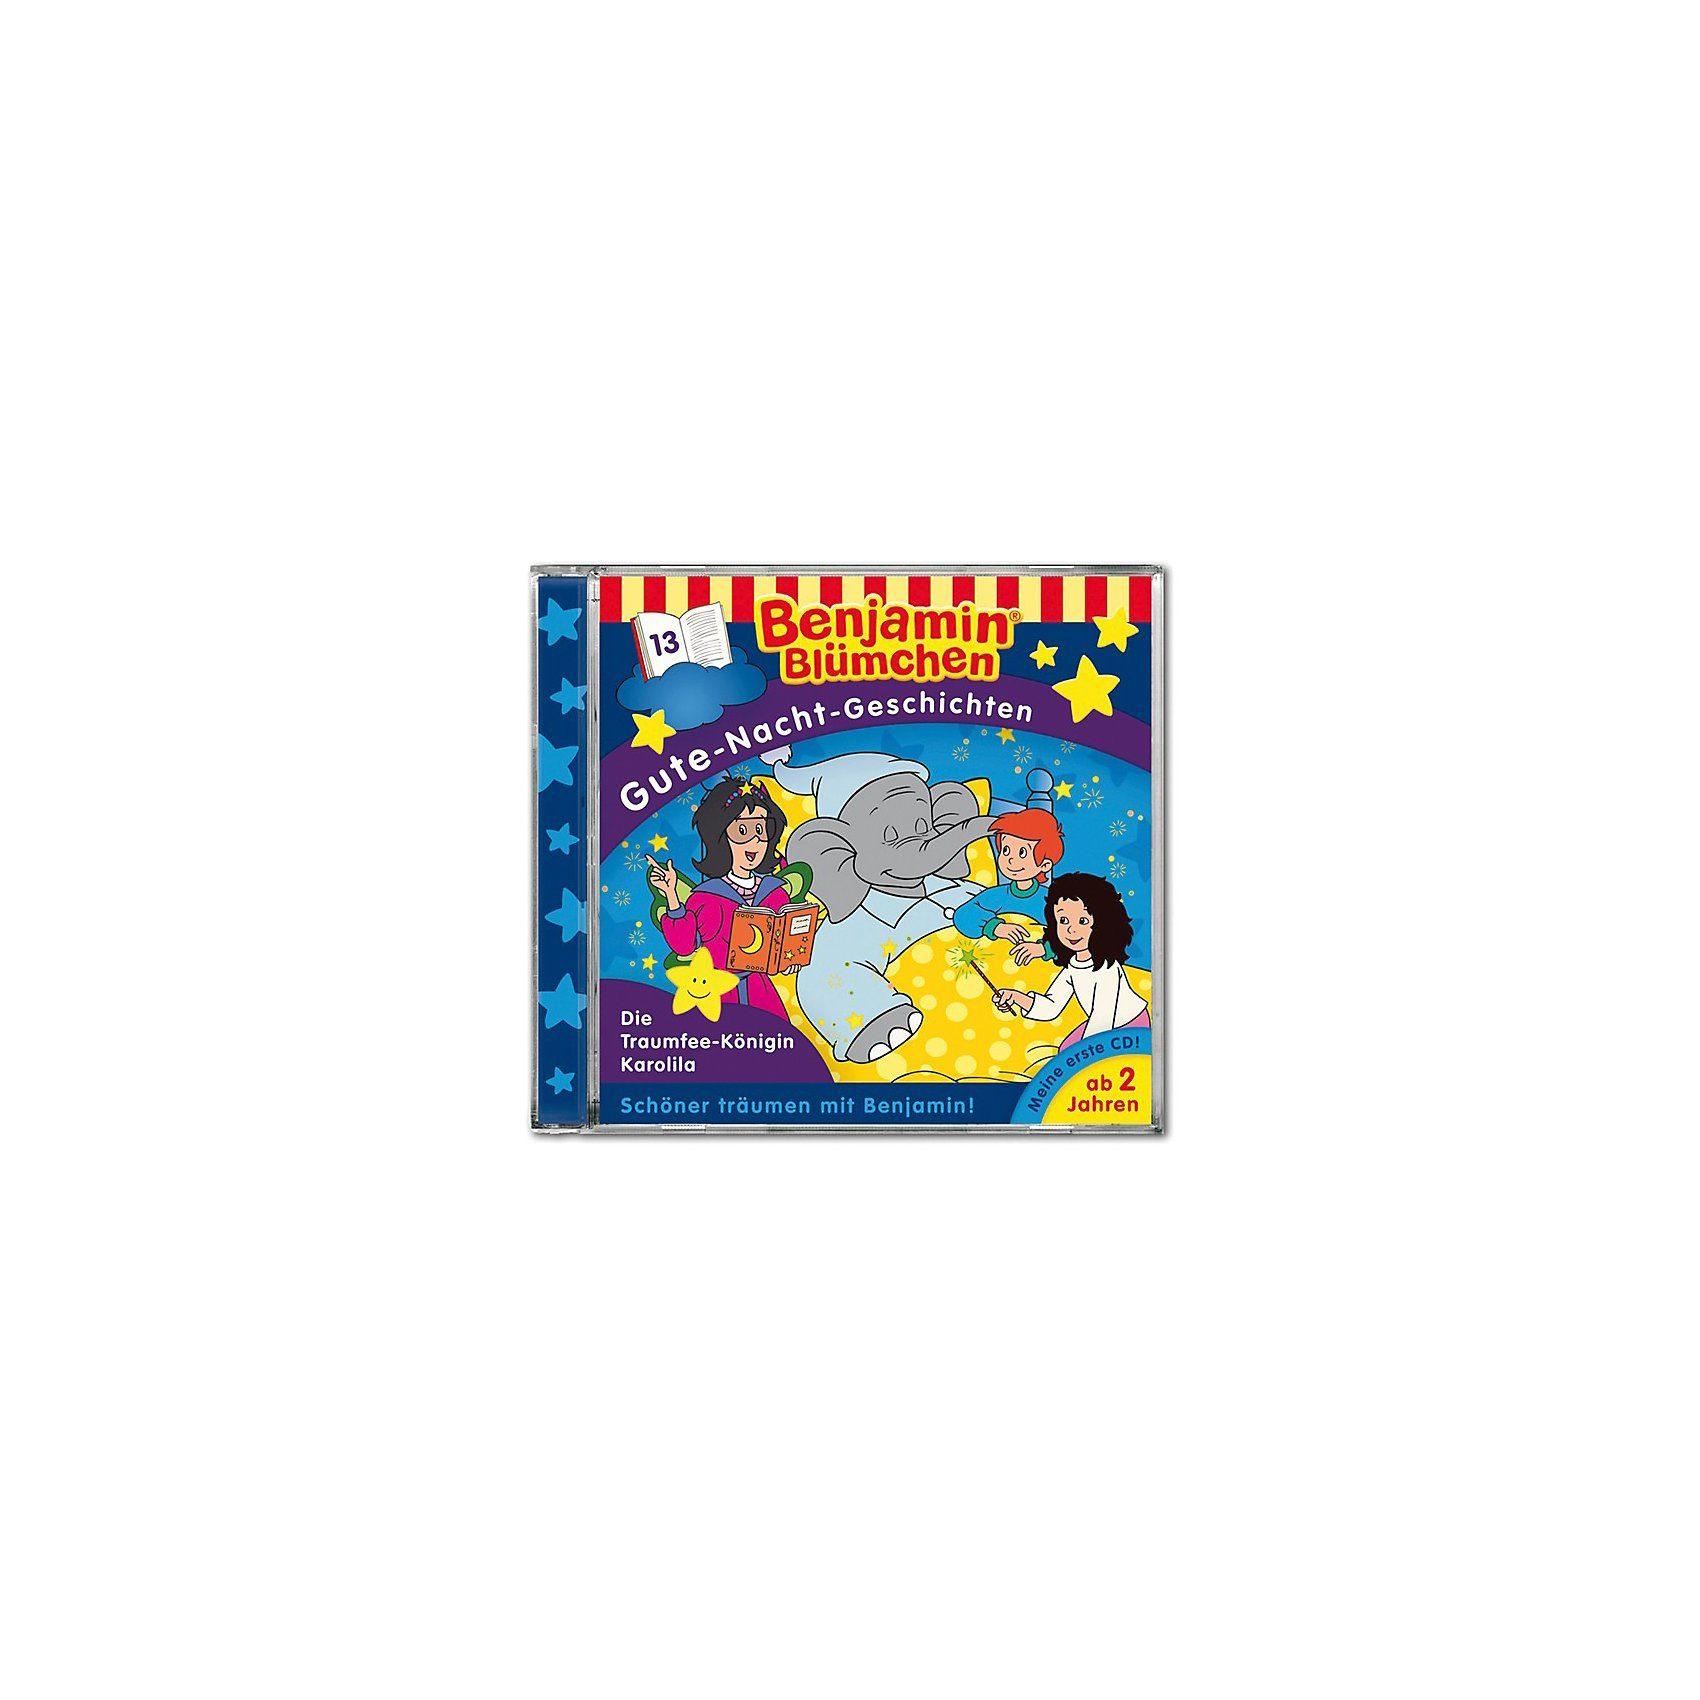 Kiddinx CD Benjamin Blümchen - Gute Nacht 13 Die Traumfee-Königin Ka